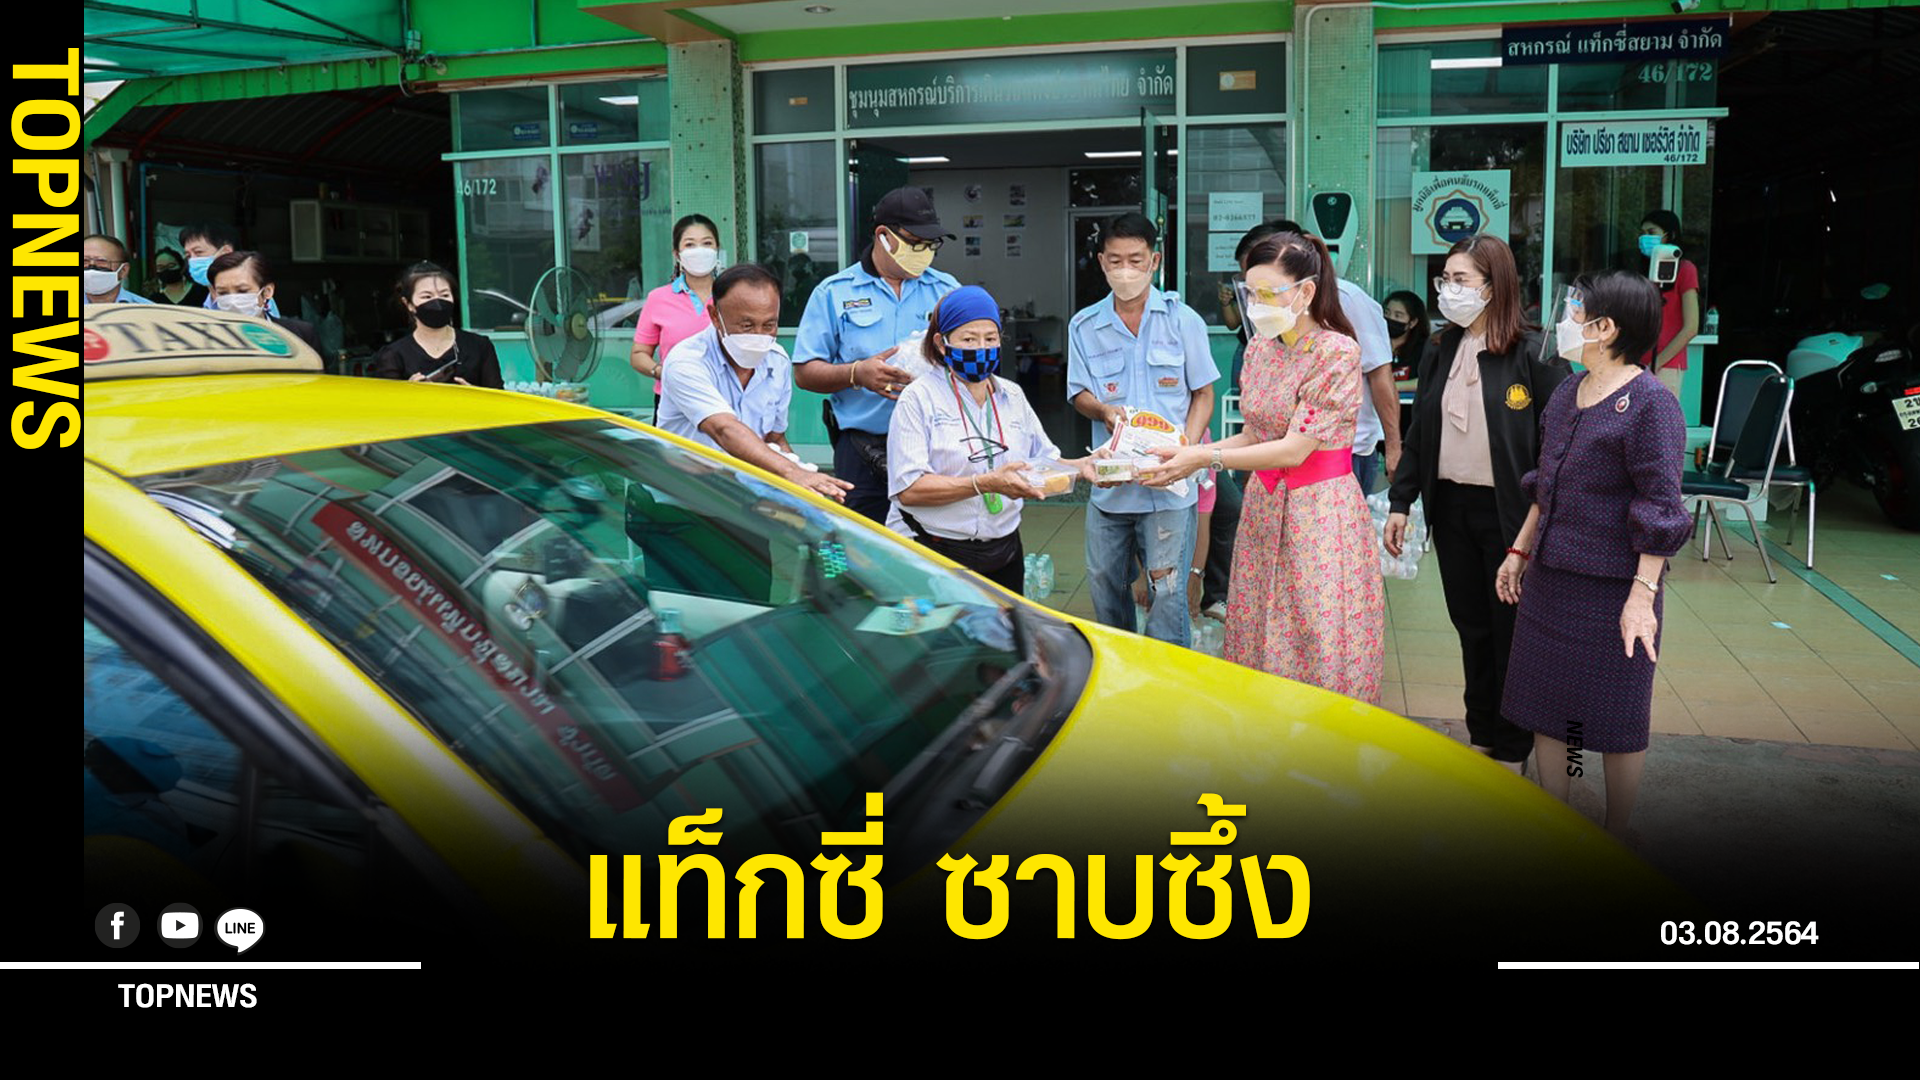 คนขับแท็กซี่ ซาบซึ้ง ข้าวสารอาหารแห้ง ถูกส่งถึงมือช่วยบรรเทาผลกระทบช่วงโควิด